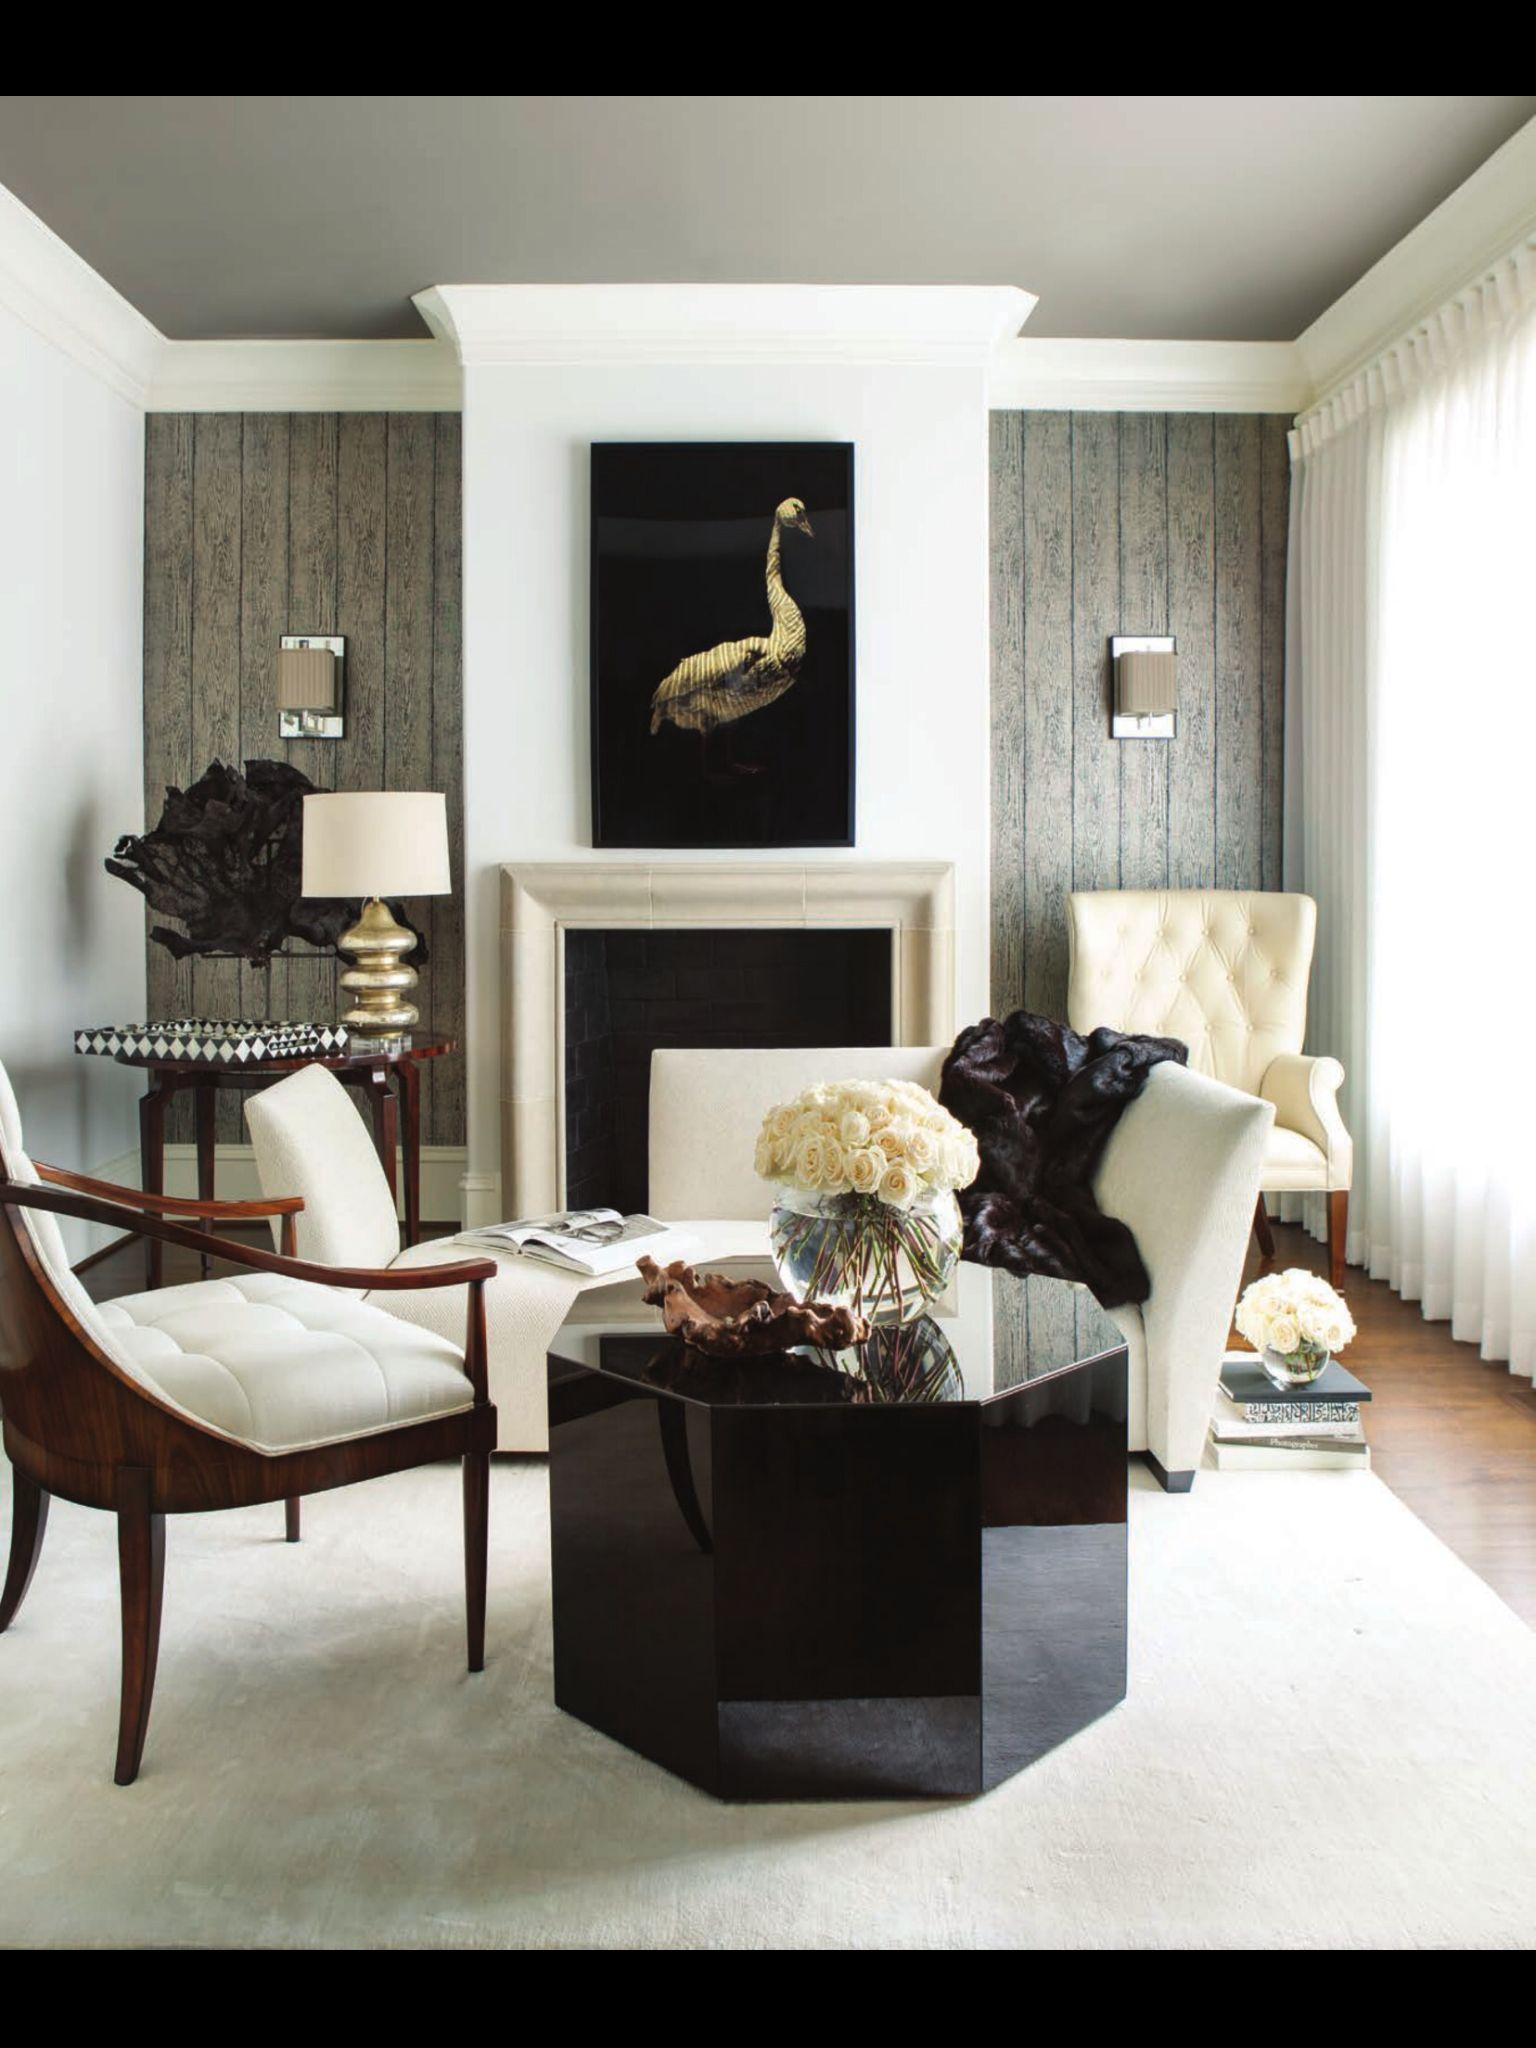 Dreamy spaces a posh atlanta pad paintbox color - Interior painting company atlanta ga ...